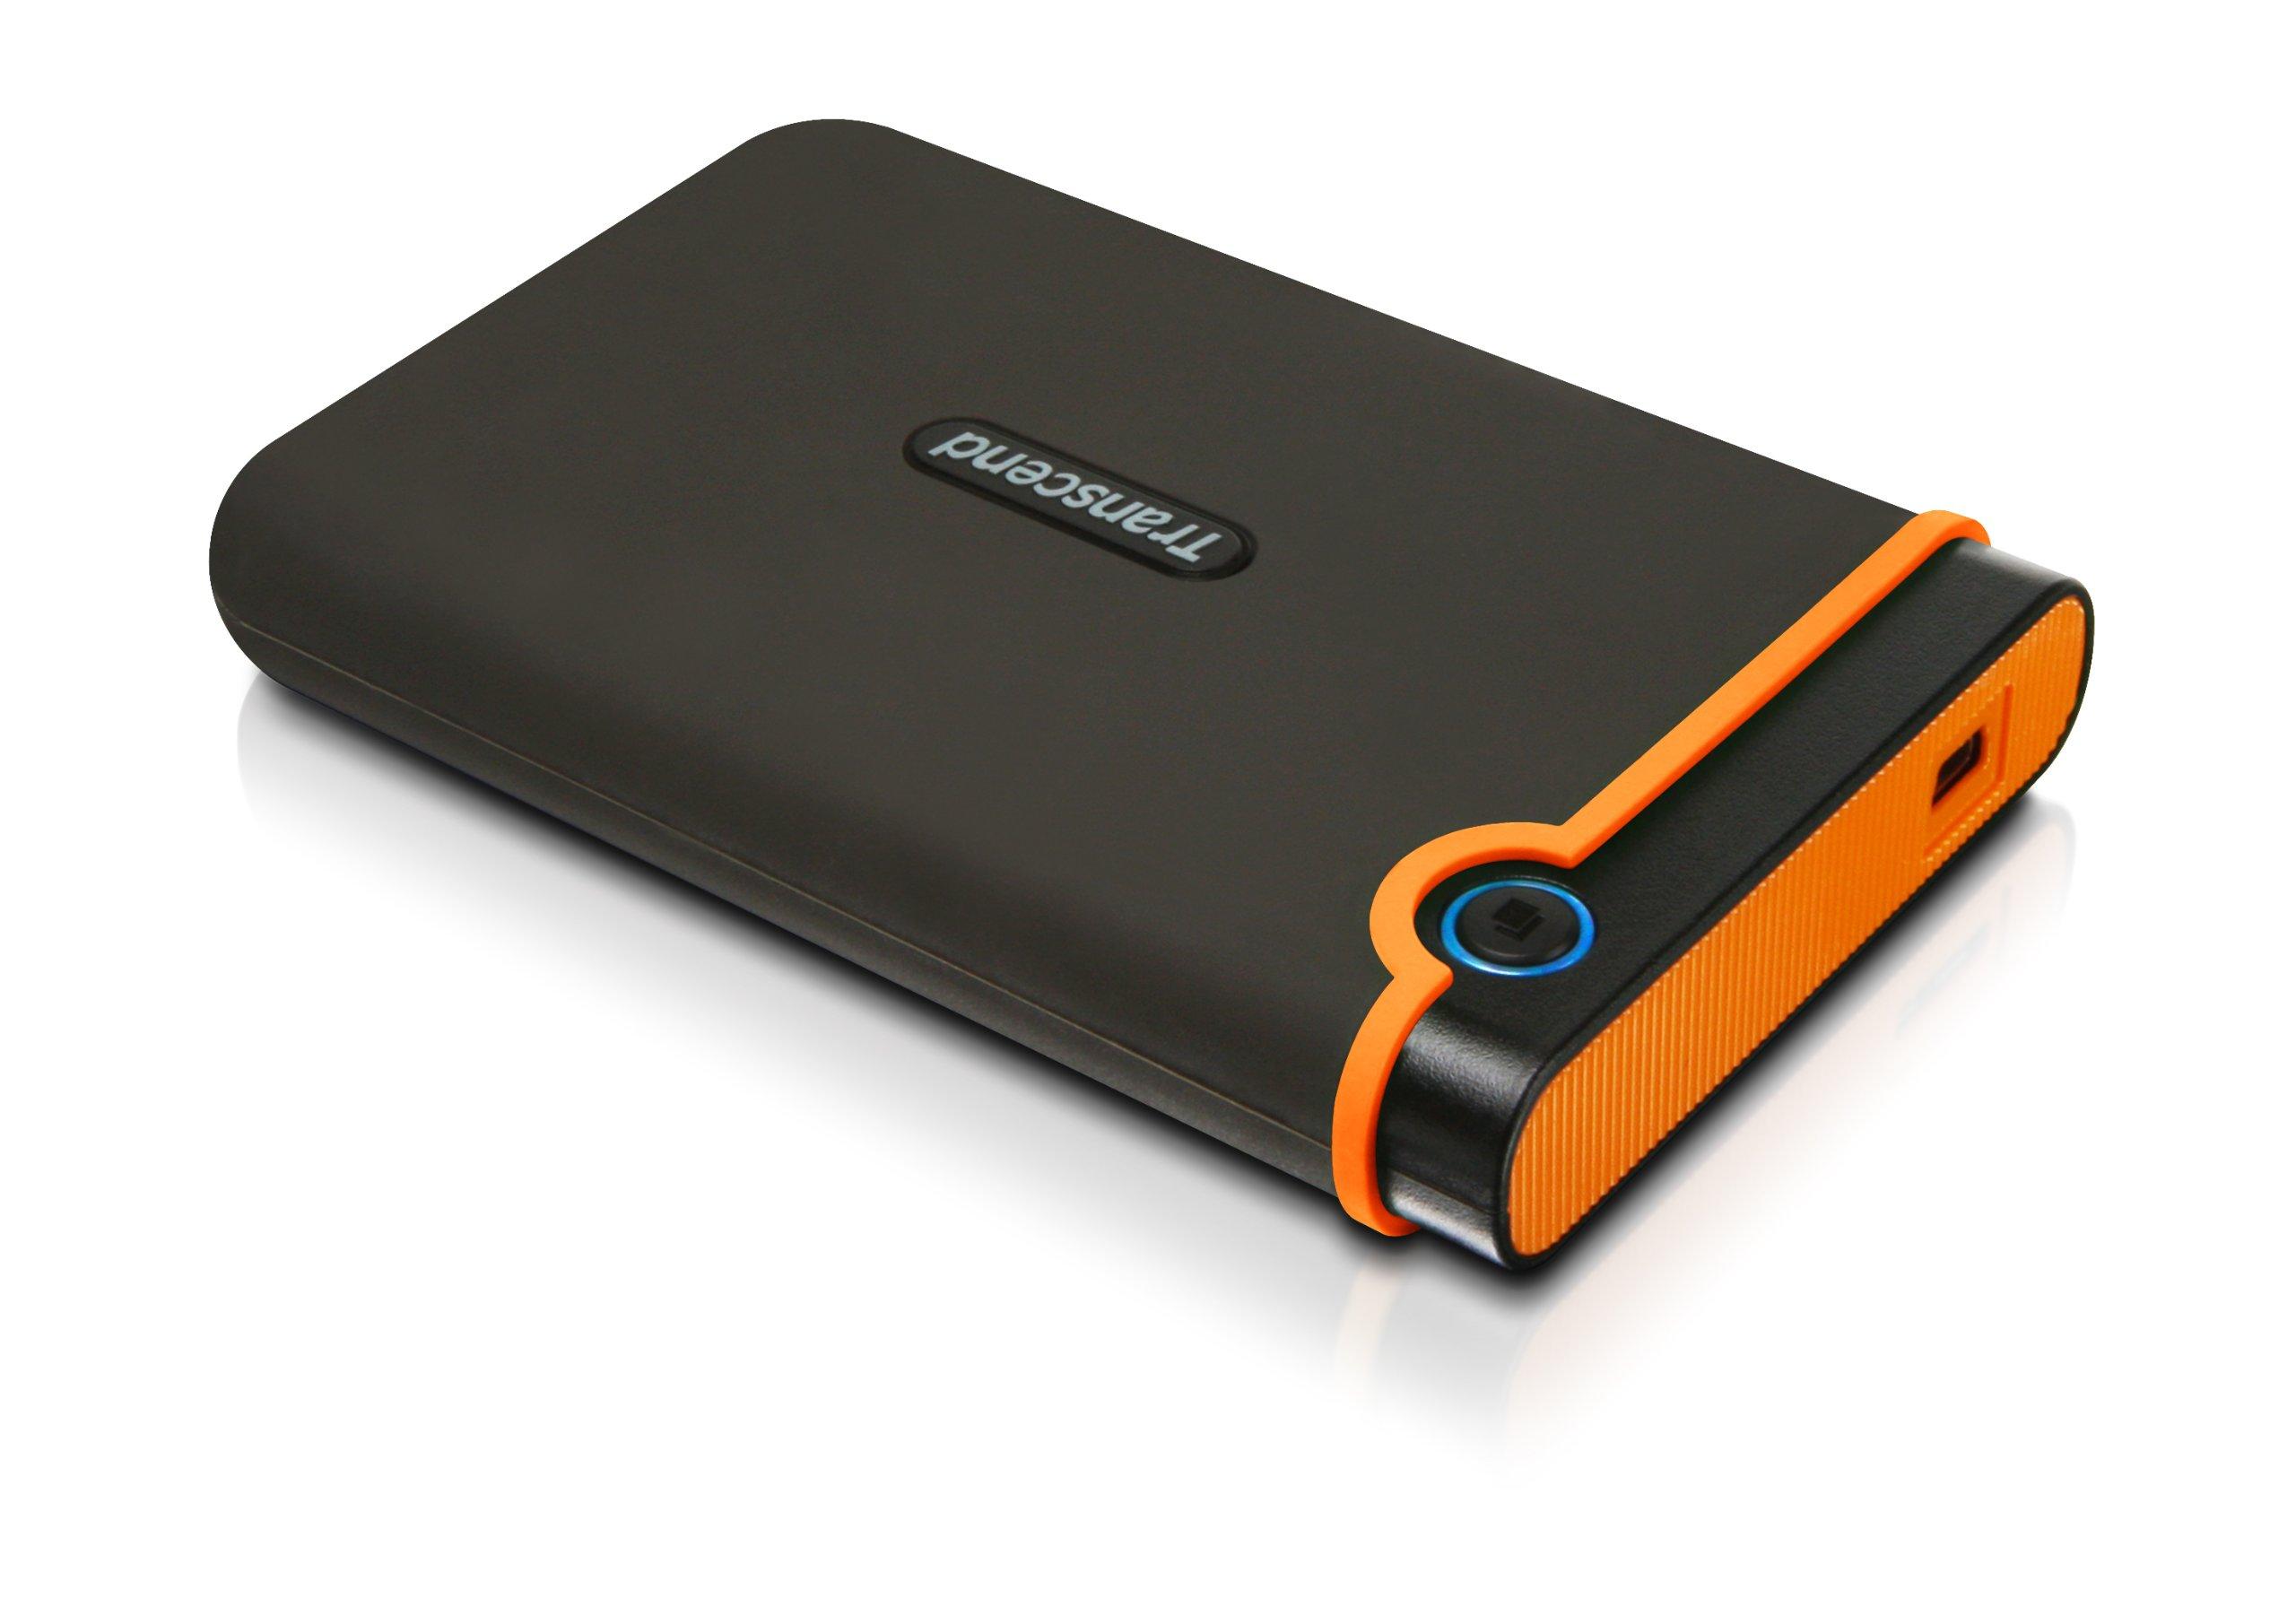 Transcend 500GB StoreJet M2 External HDD Military-Grade Shock Resistance by Transcend